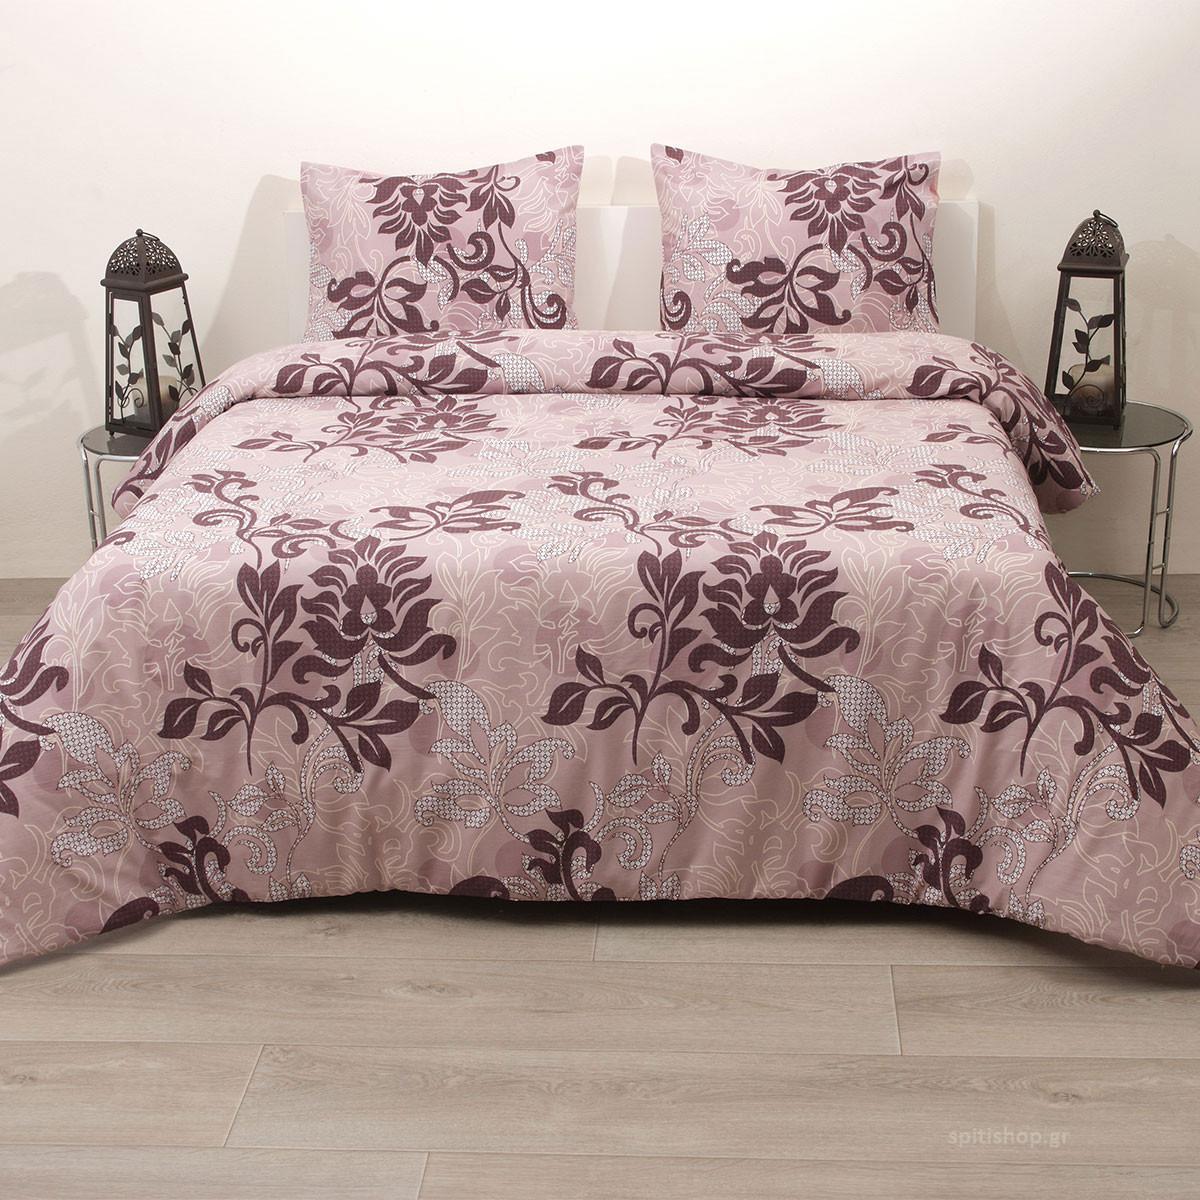 Κουβερλί Ημίδιπλο (Σετ) Viopros Fresh Δάφνη home   κρεβατοκάμαρα   κουβερλί   κουβερλί ημίδιπλα   διπλά